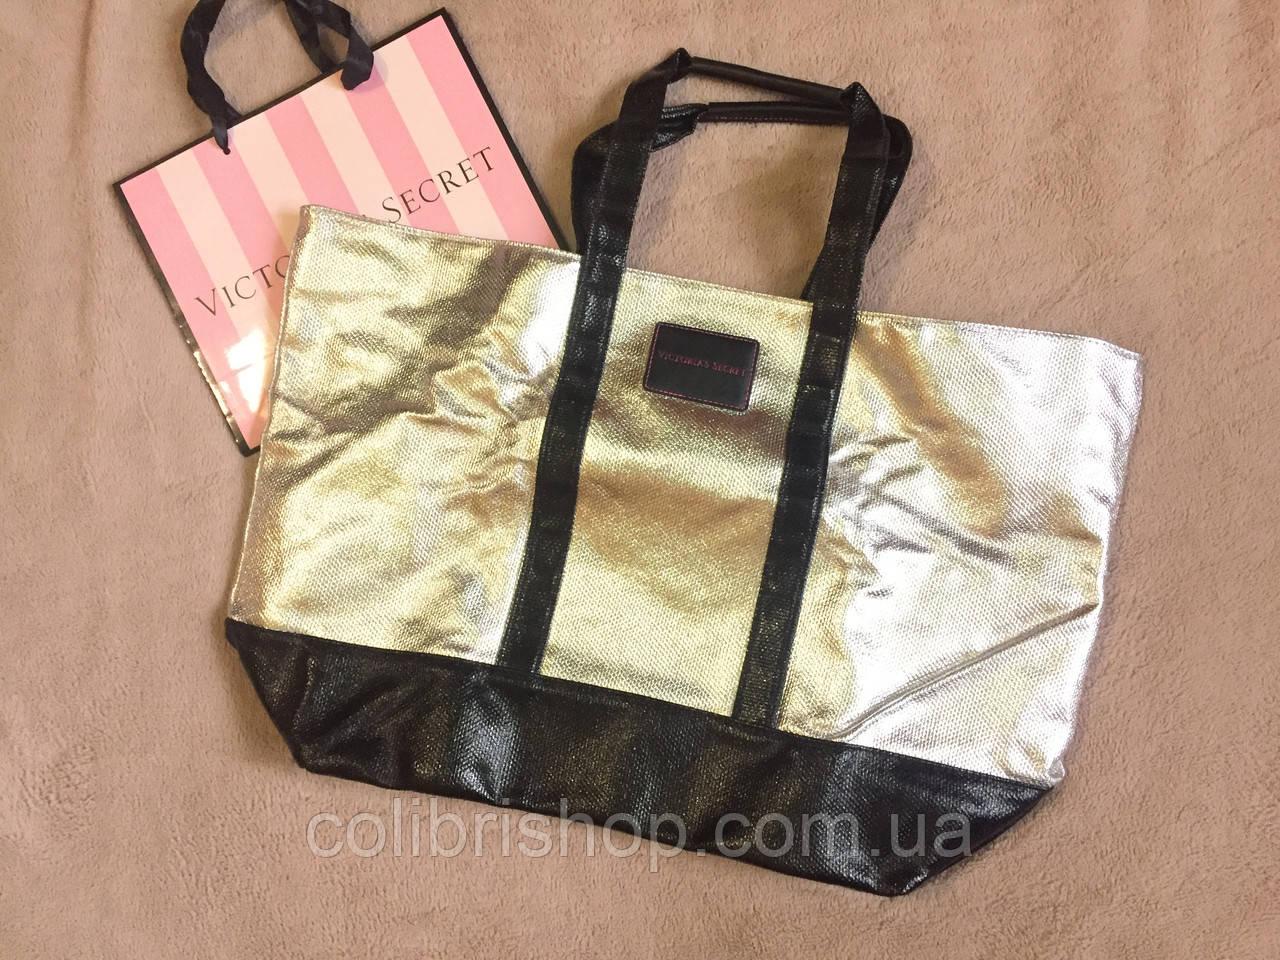 08857dab32b2b Стильная дорожная сумка от Виктории Сикрет Victoria's Secret металик, ...